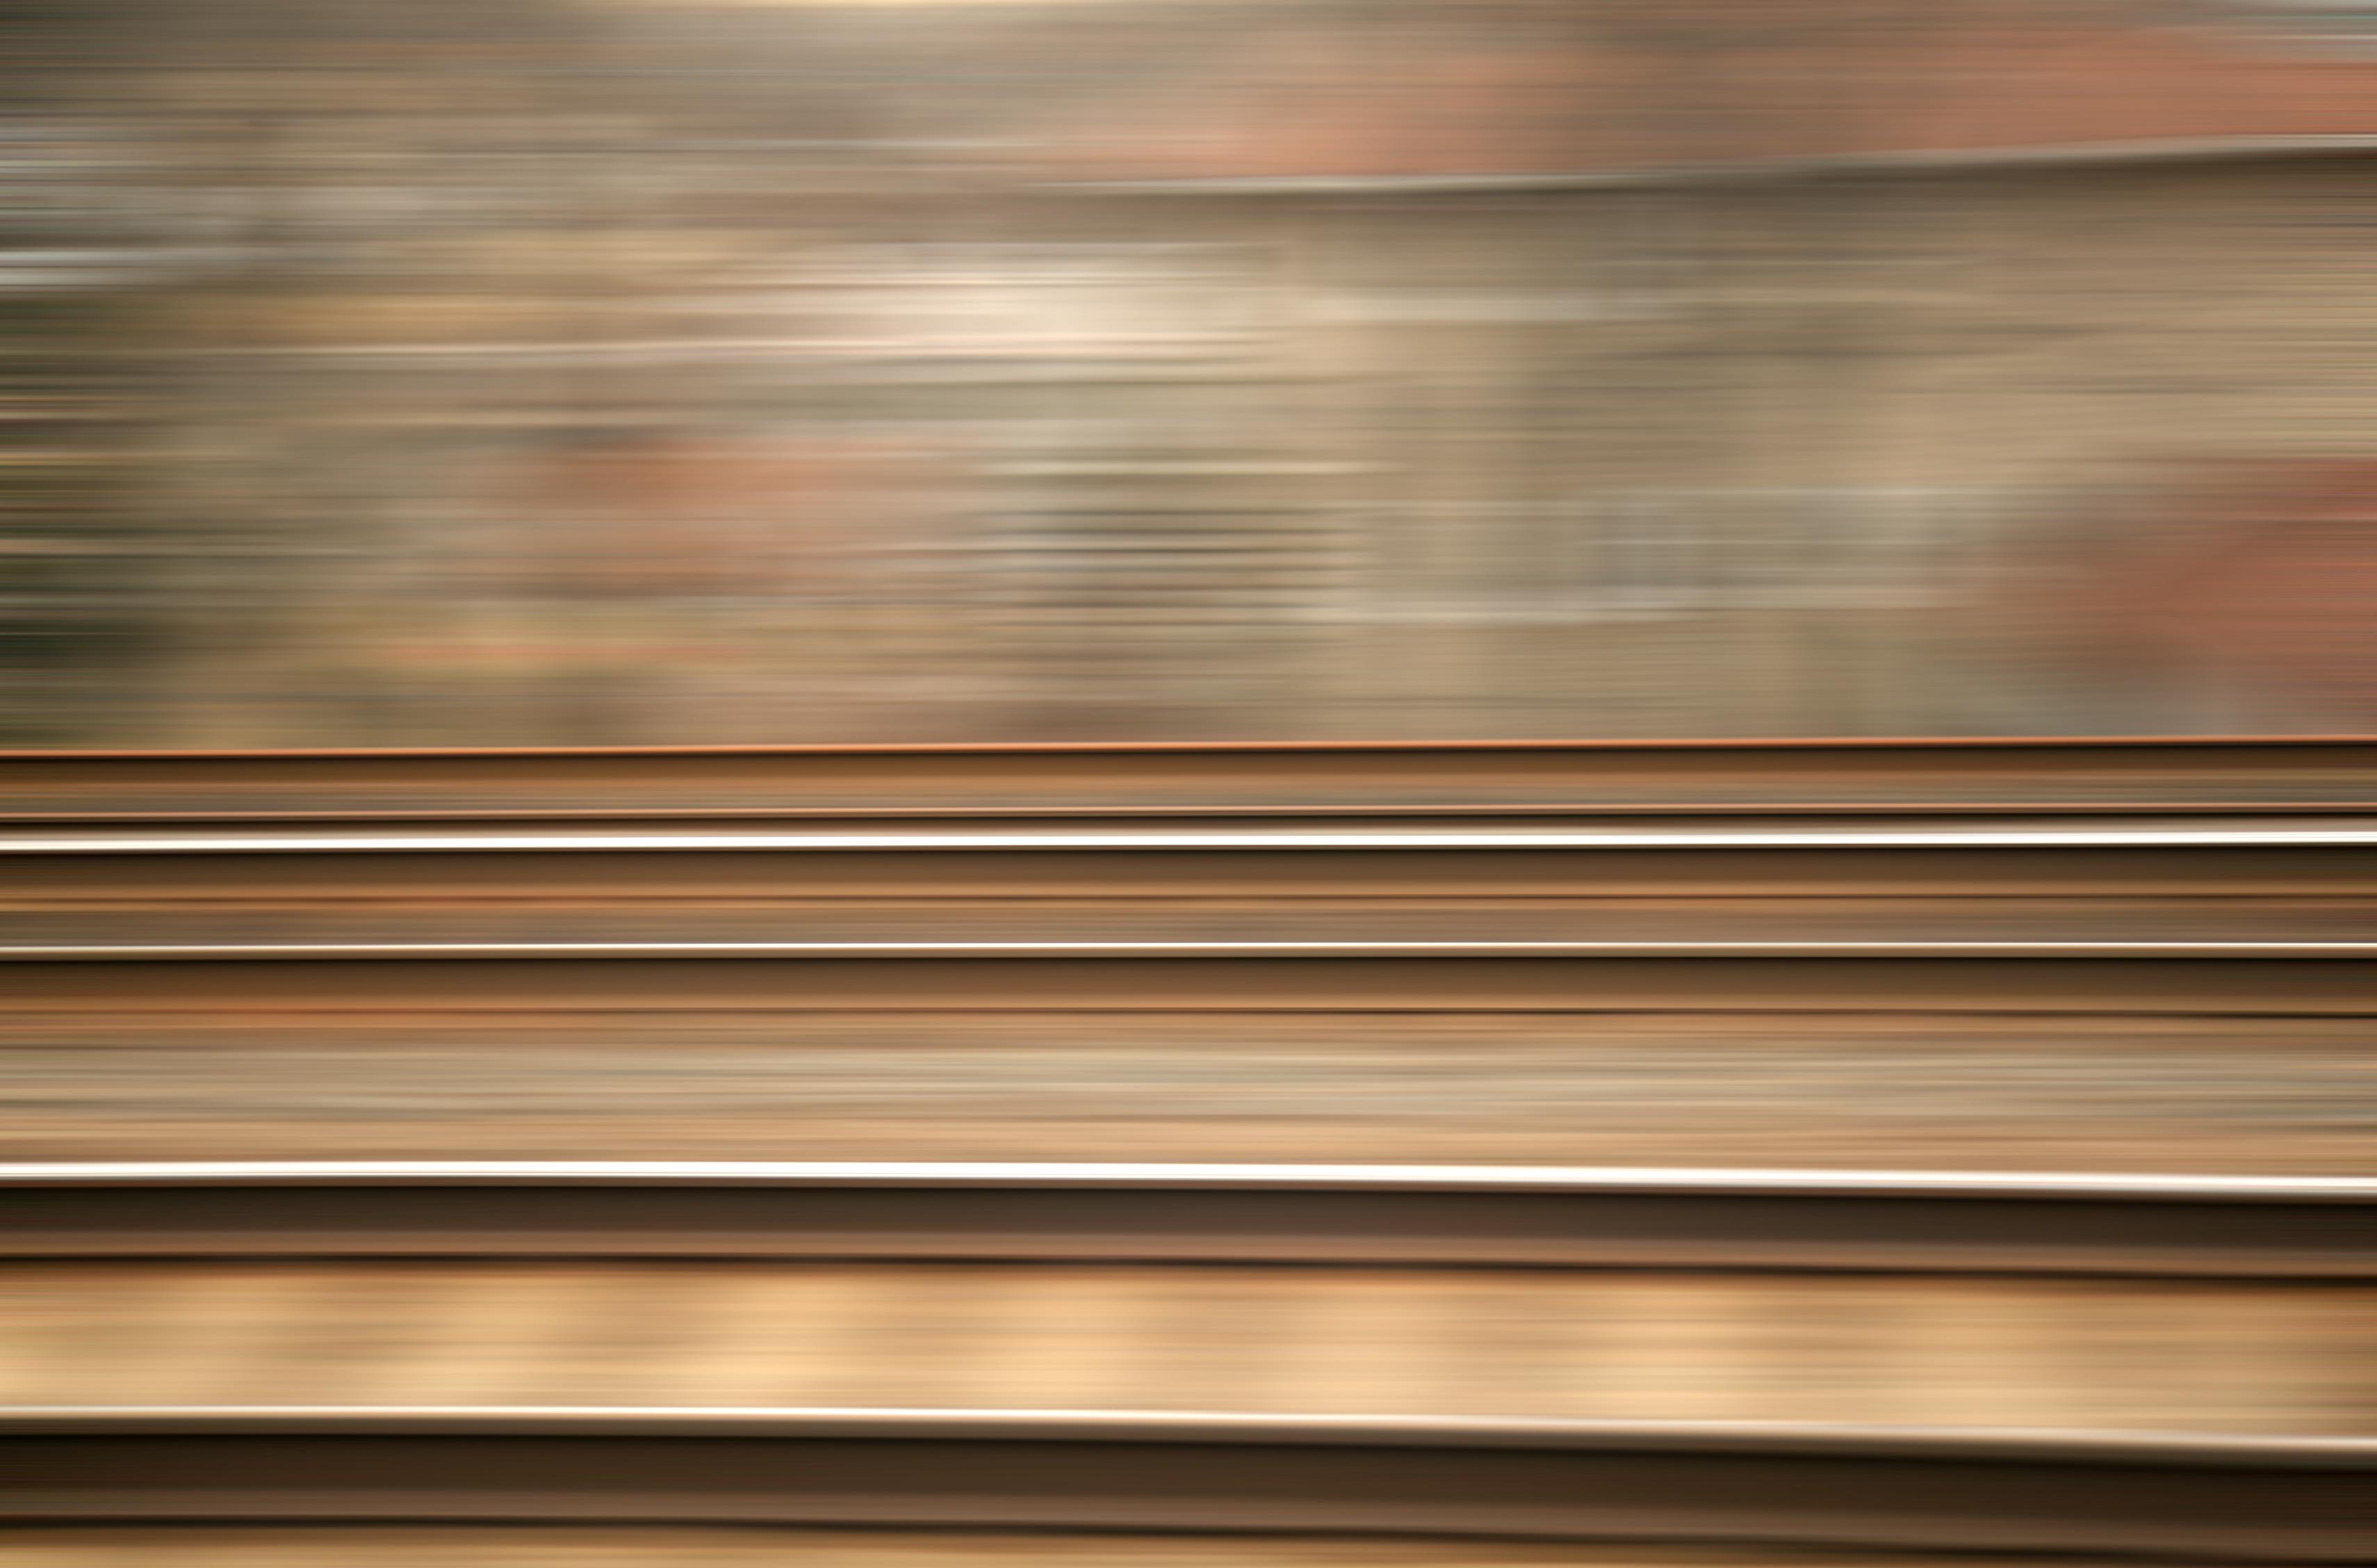 Afbeeldingsresultaat voor moving train